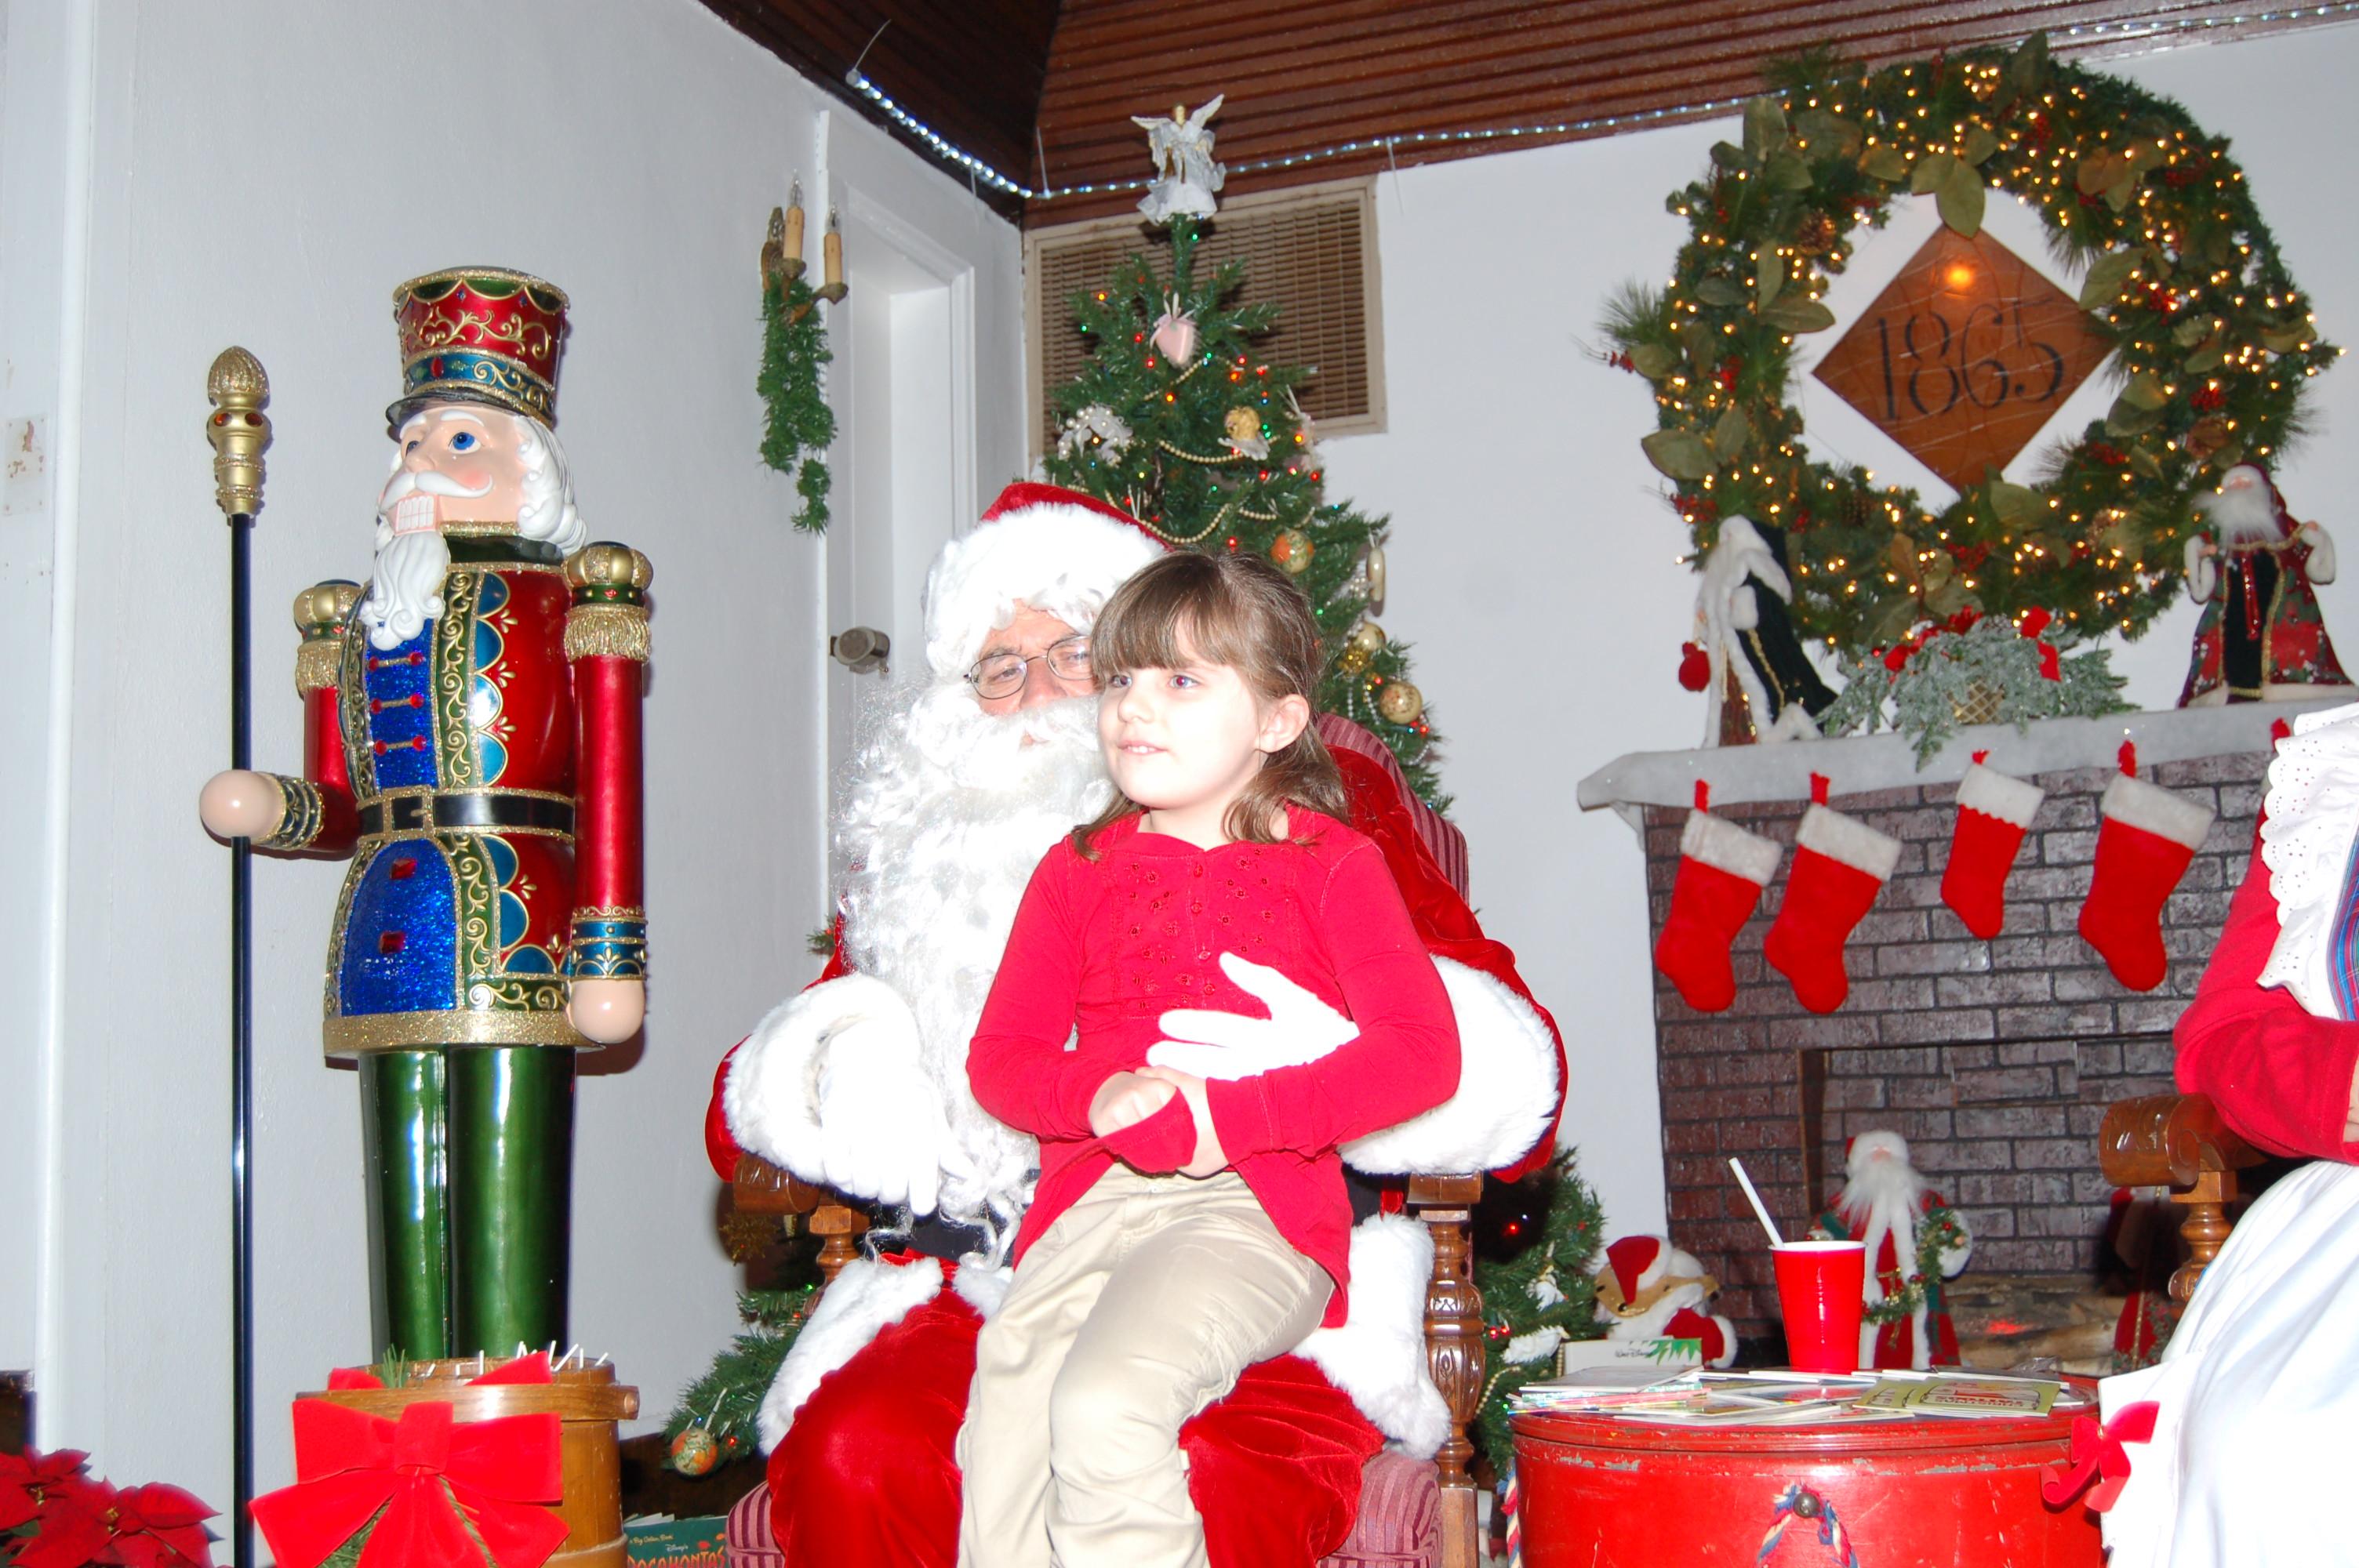 LolliPop+Lane+12-12-2008+Picture+020.jpg